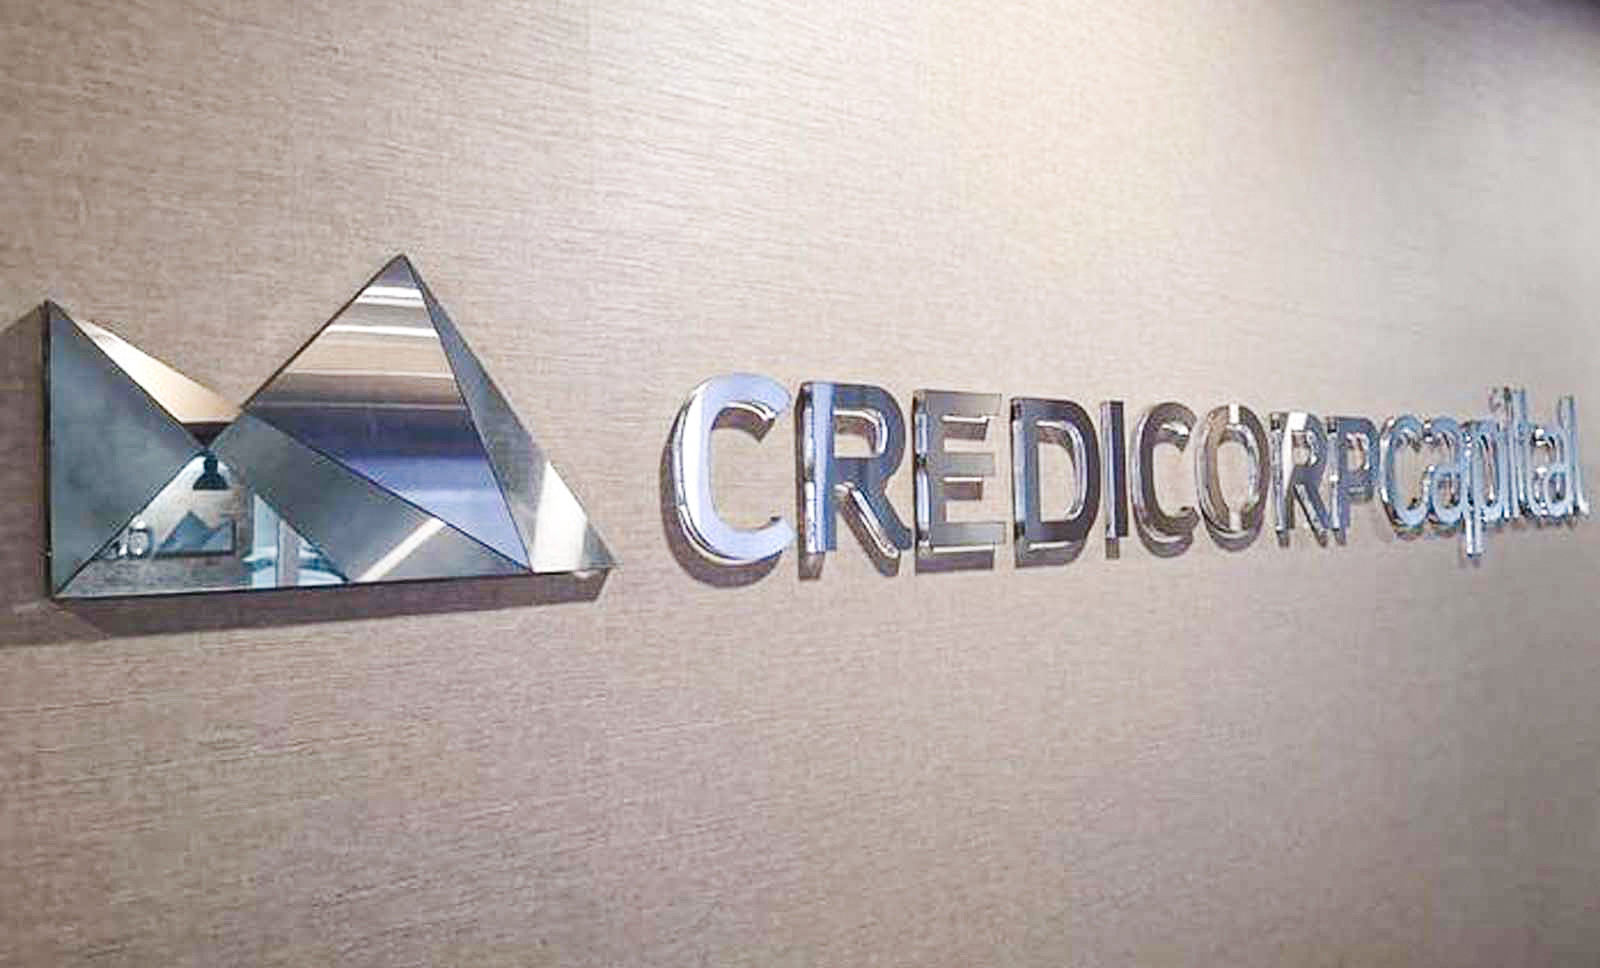 credicorp-capital-emision-de-deuda-corporativa-peruana-se-duplicaria-en-el-2021